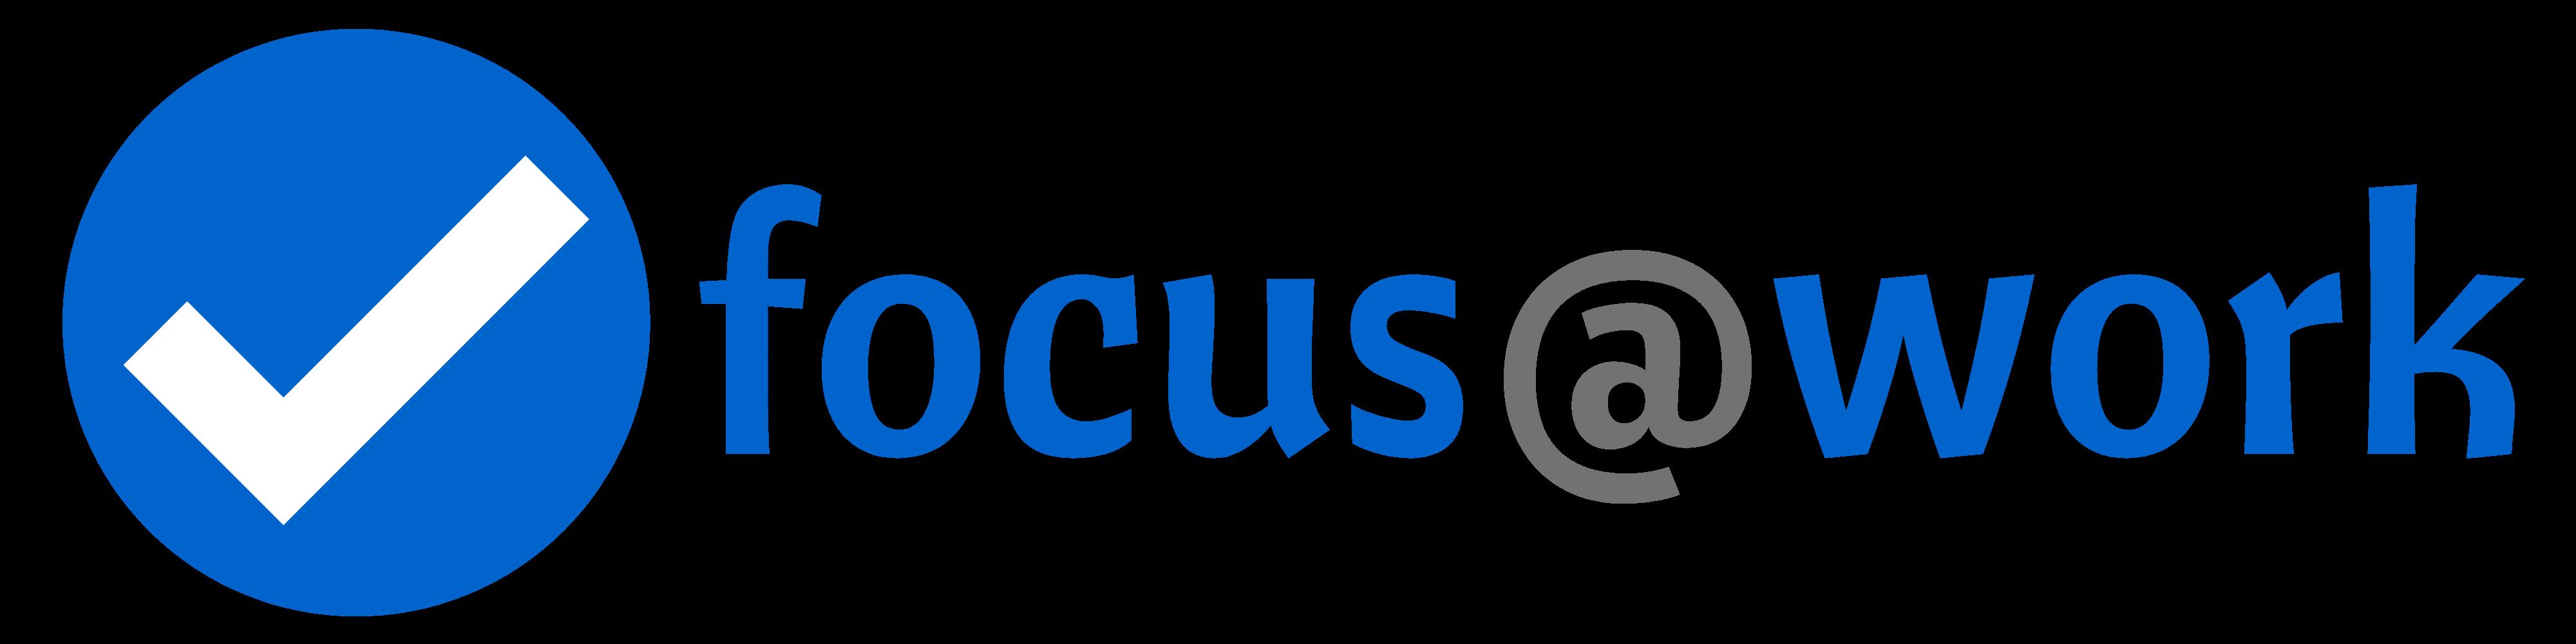 focus@work